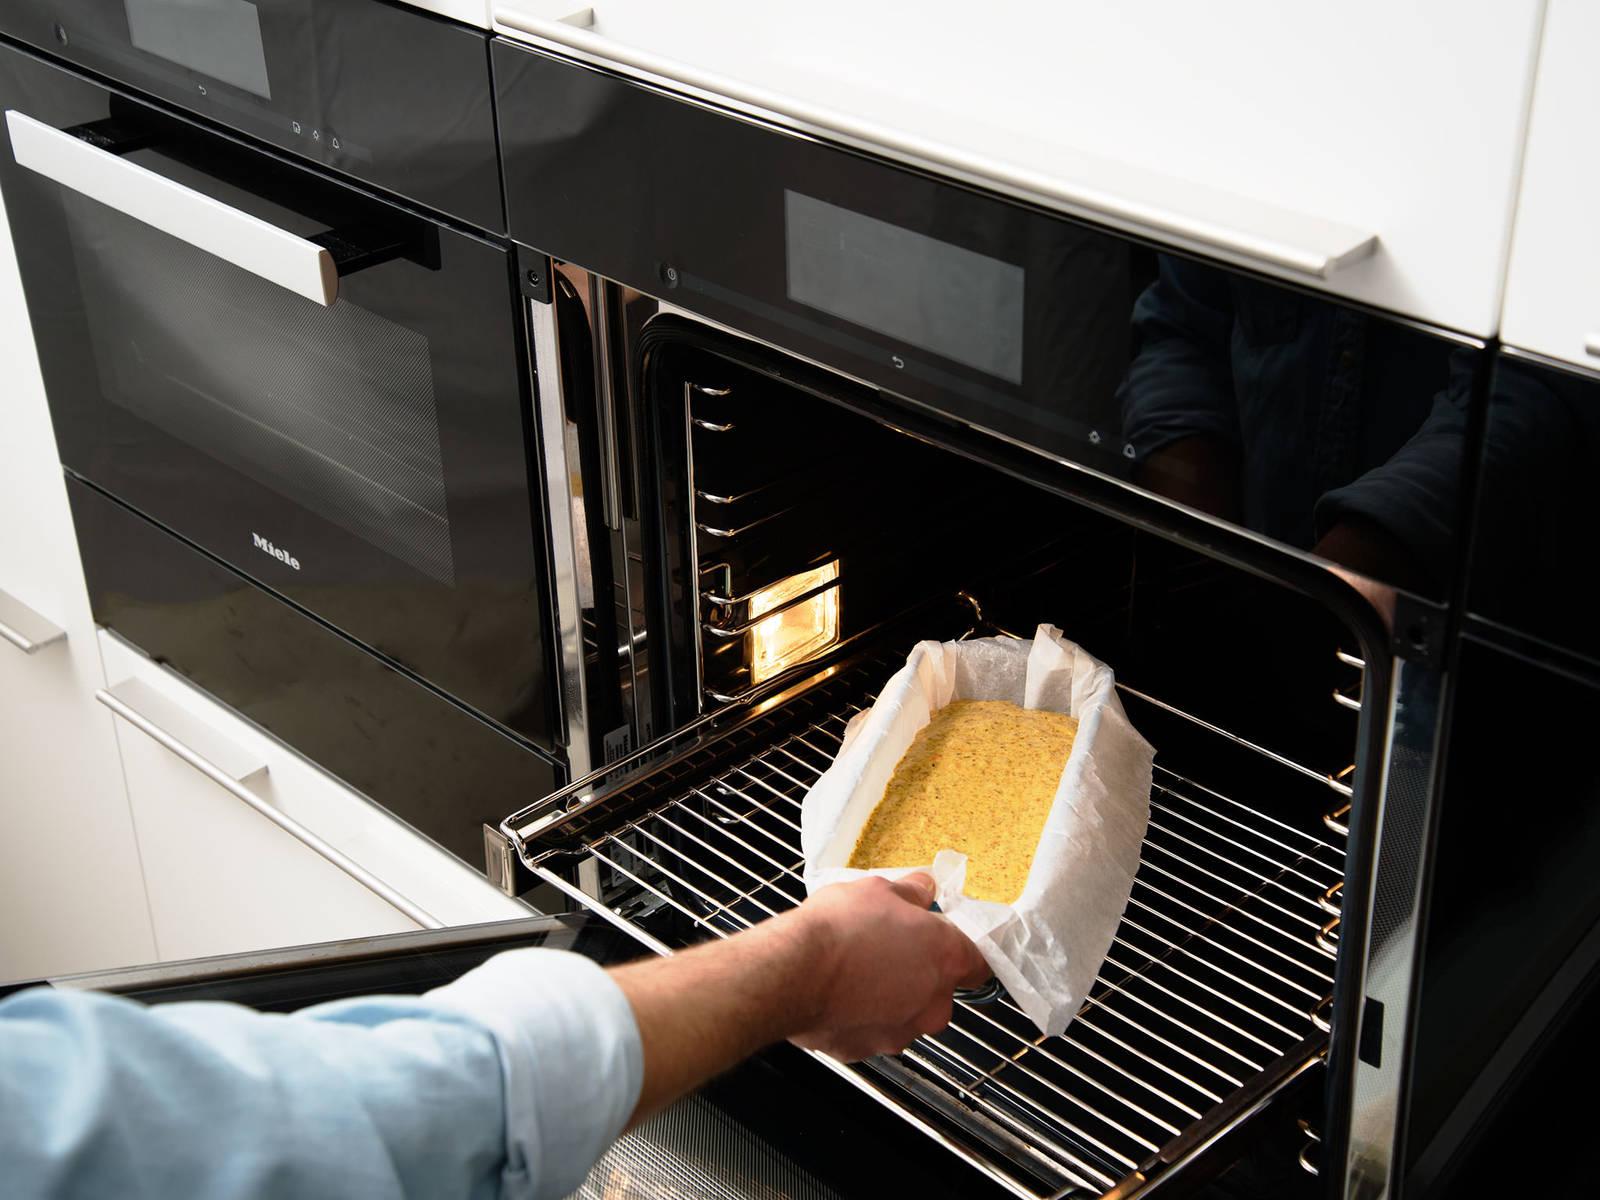 Teig in eine mit Backpapier ausgelegte Kastenform füllen. Bei 175°C ca. 45 Min. backen. Aus dem Backofen nehmen und etwas abkühlen lassen. Danach den Kuchen aus der Form nehmen, Backpapier entfernen und den Kuchen auskühlen lassen.